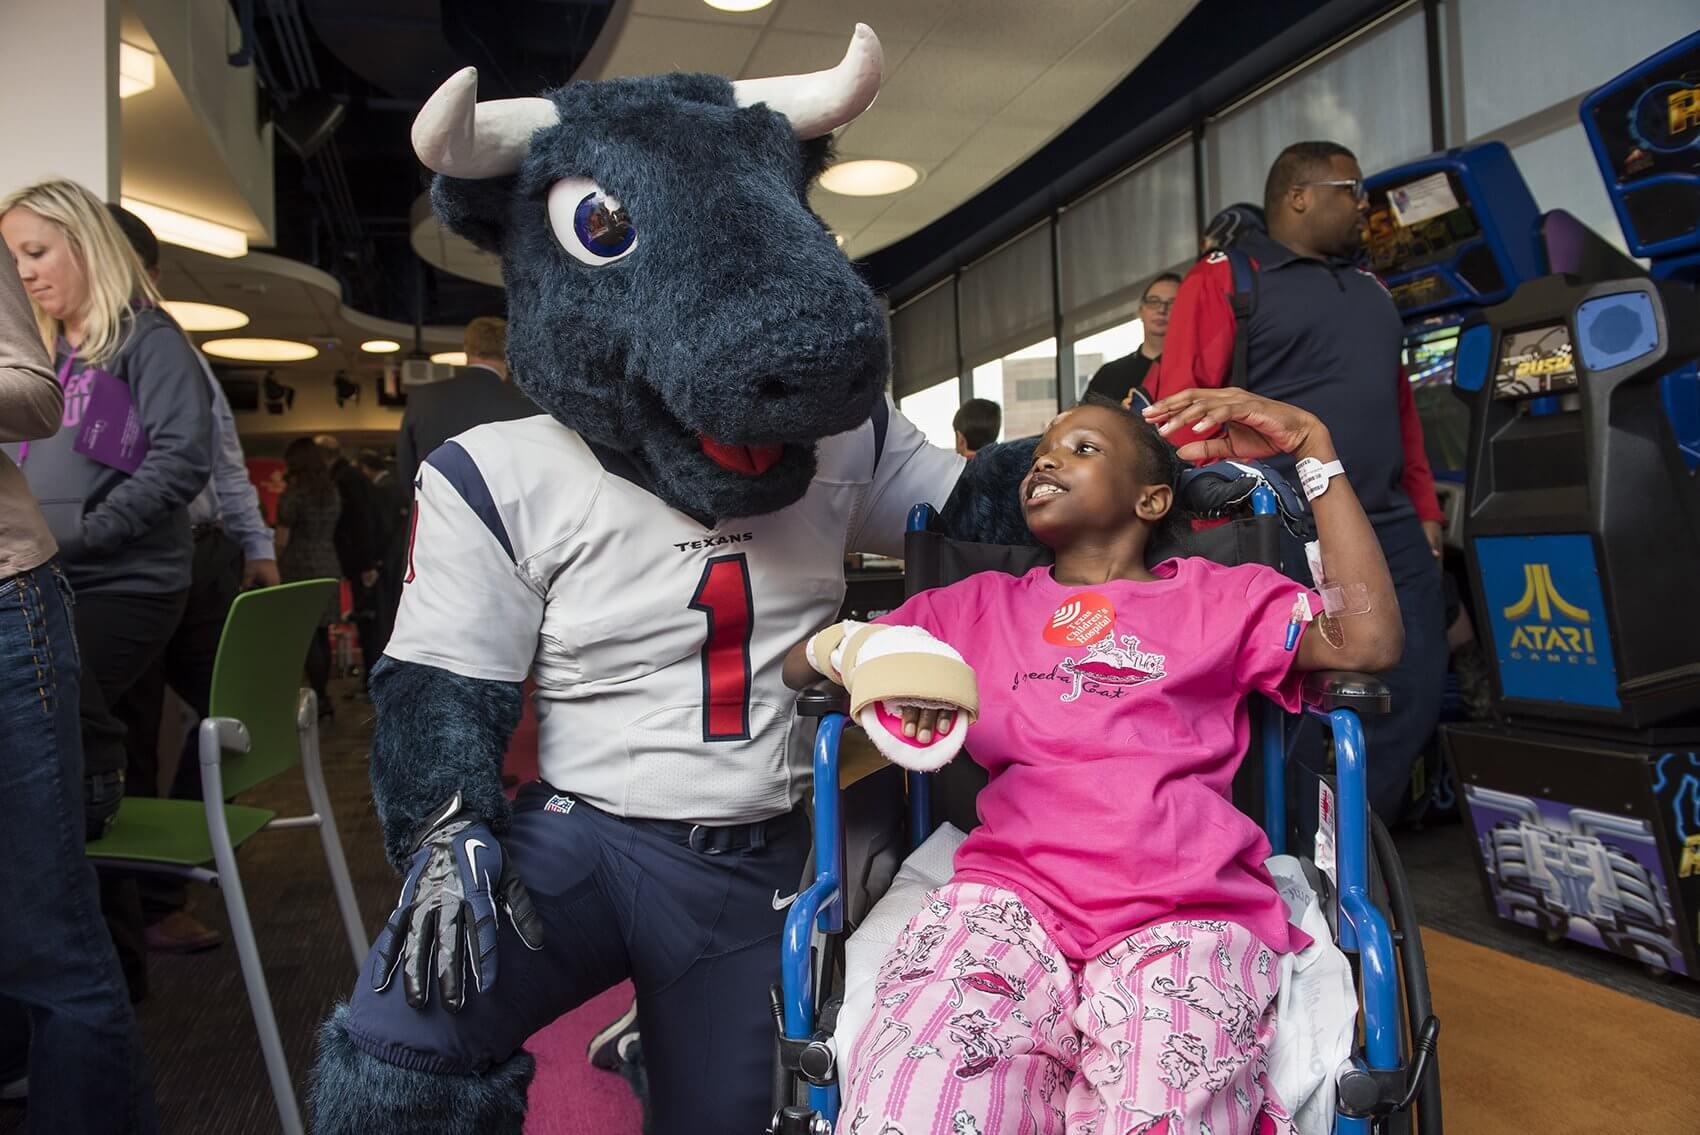 Keyasia Hamilton chats with mascot Toro. (Credit: Allen S. Kramer/Texas Children's Hospital)